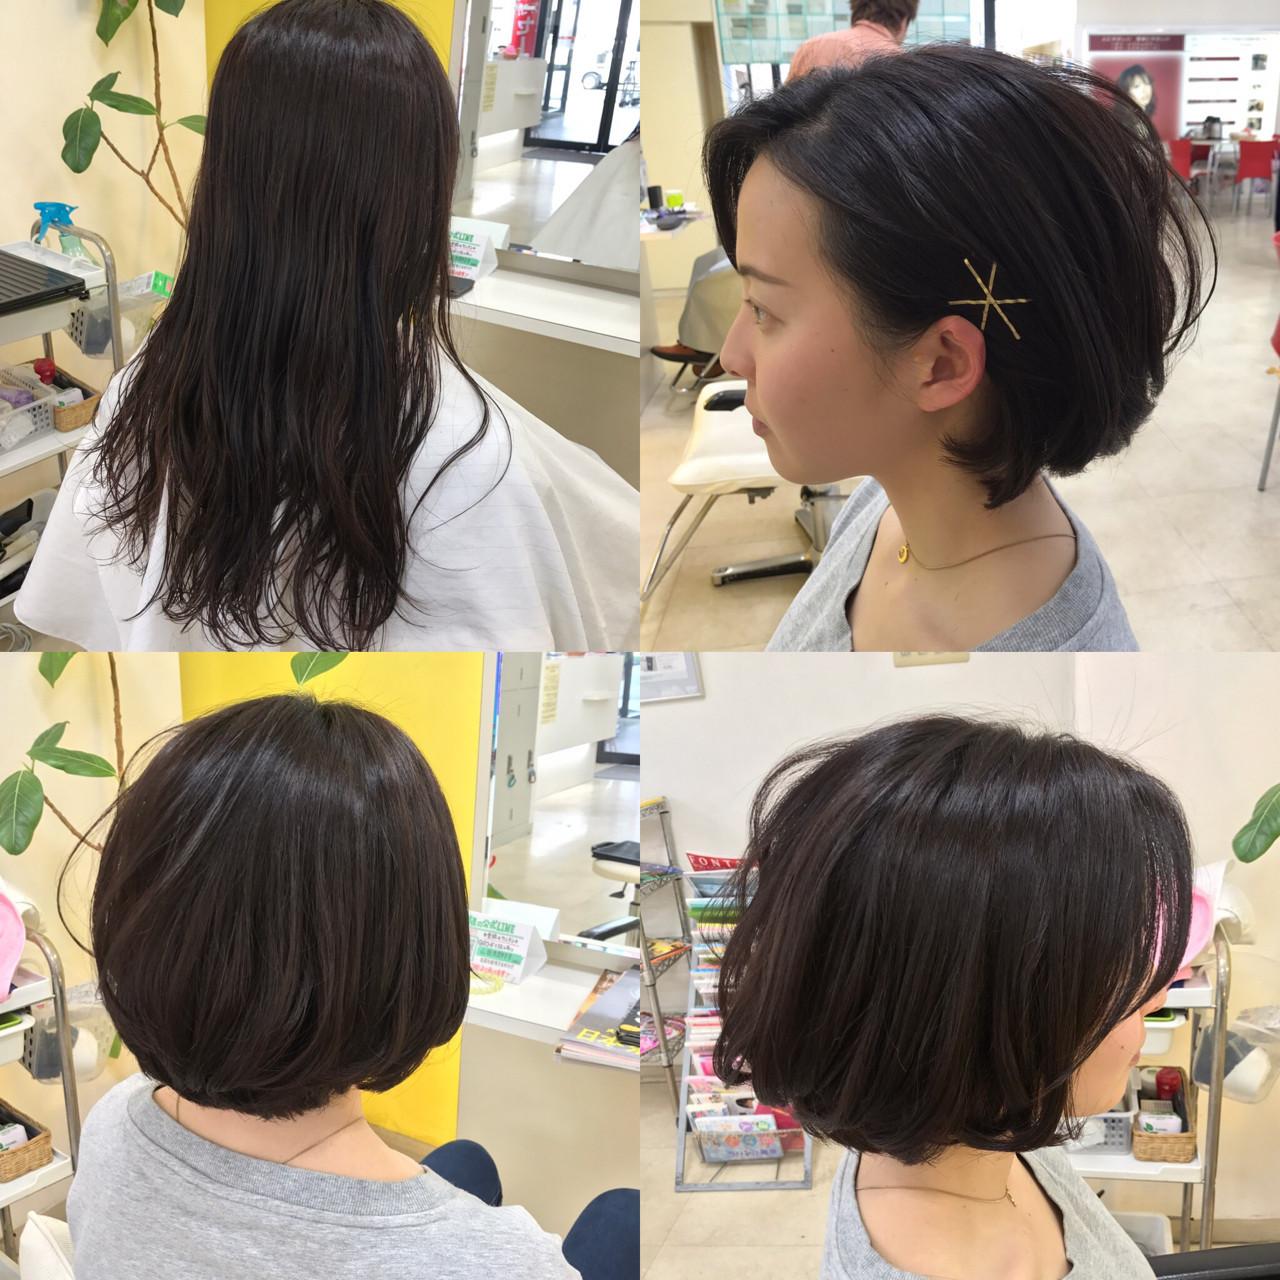 ボブ ナチュラル ヘアアクセ 簡単ヘアアレンジ ヘアスタイルや髪型の写真・画像